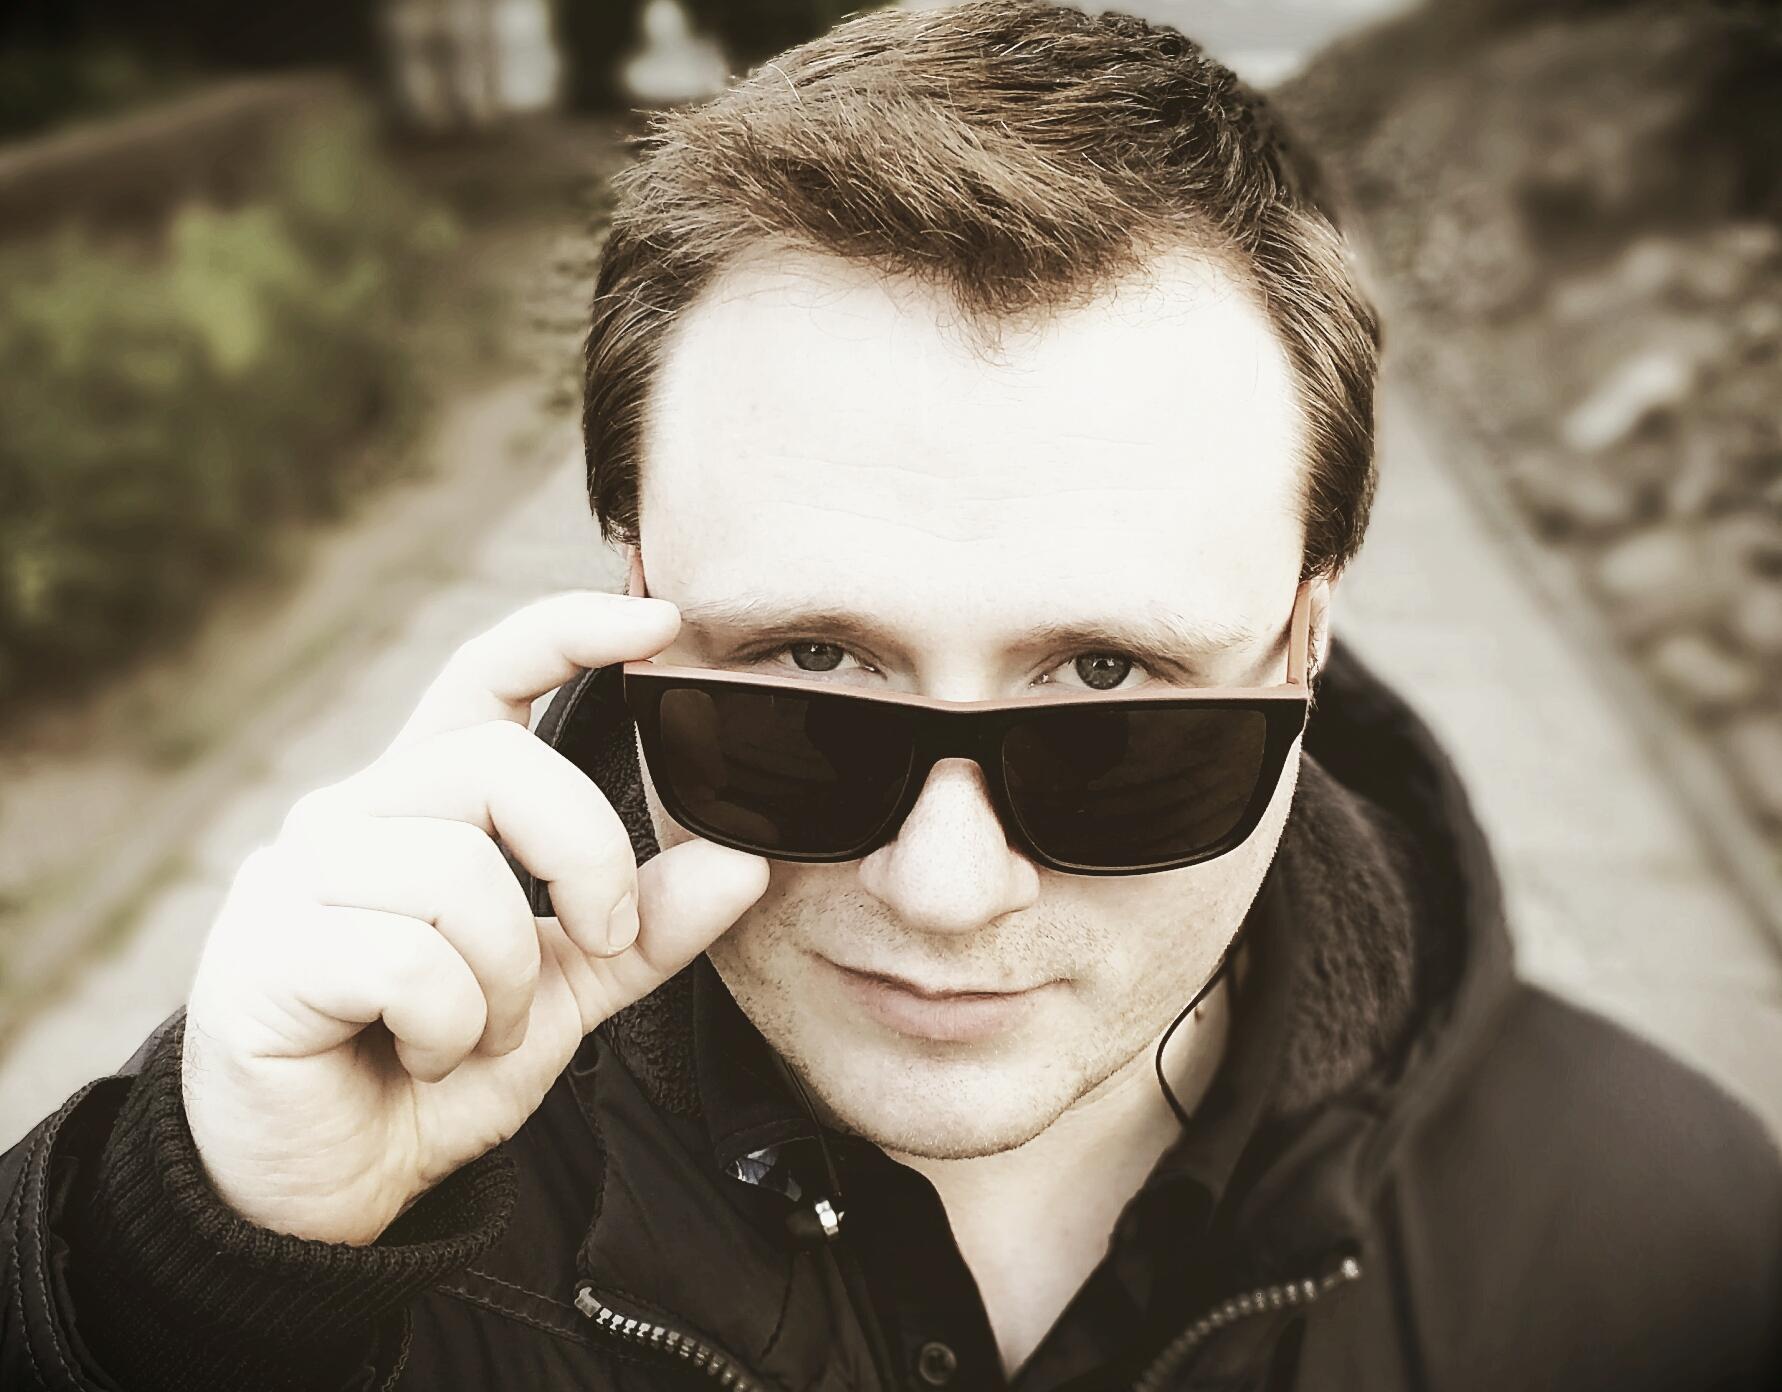 Виктор Аляшевич-ВиК: музыка обязана говорить эмоциями